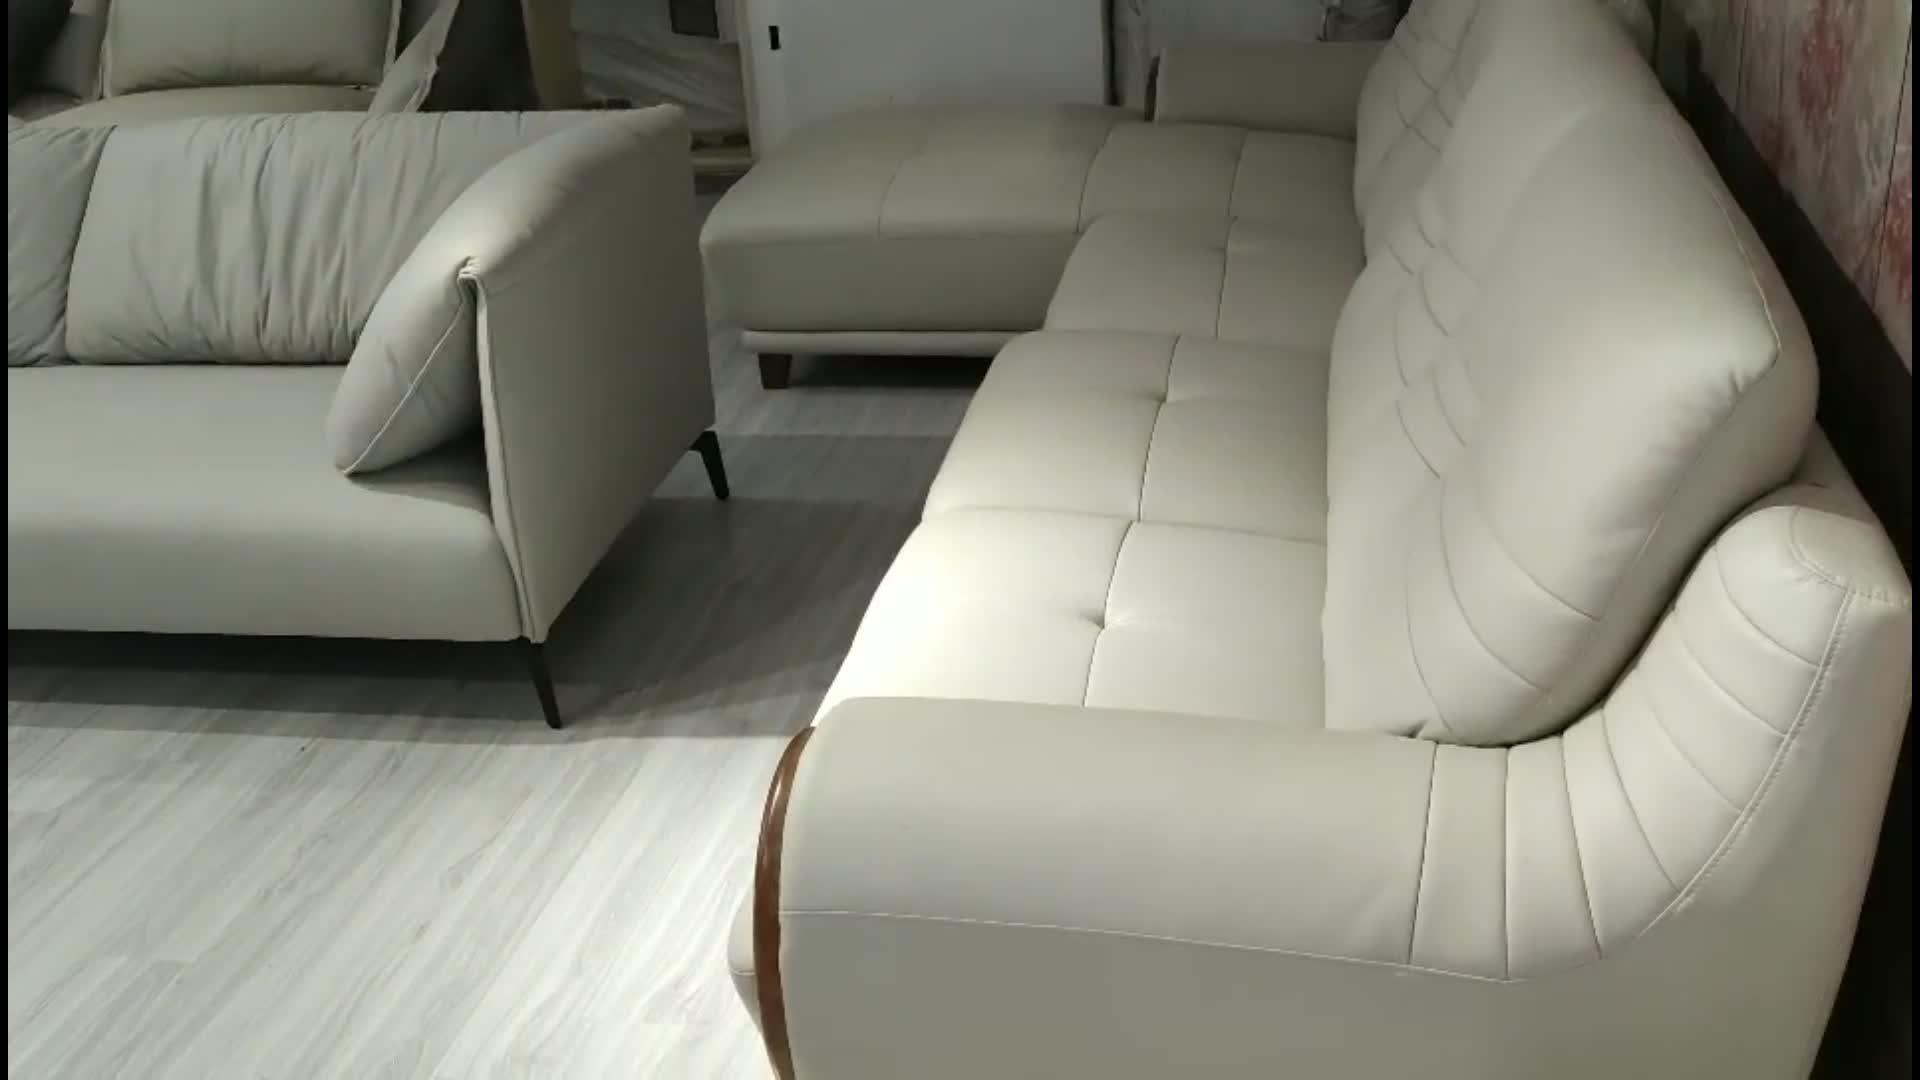 Toptan şezlong en iyi yatak tasarımları rahat koltuk takımı oturma odası mobilya